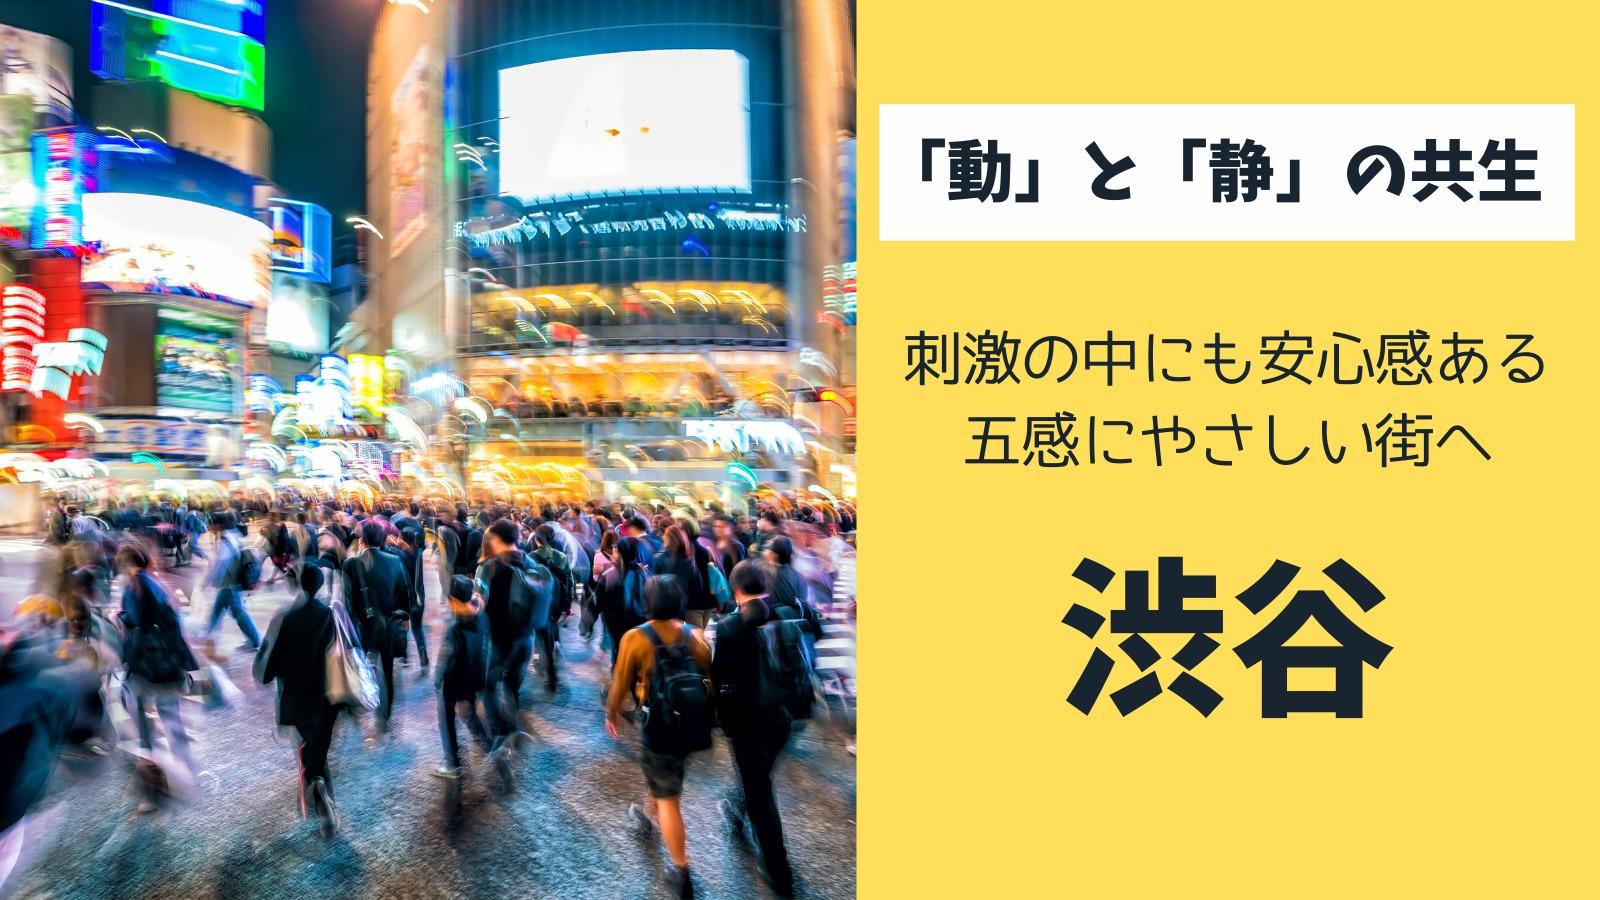 渋谷区長に感覚過敏についてプレゼン